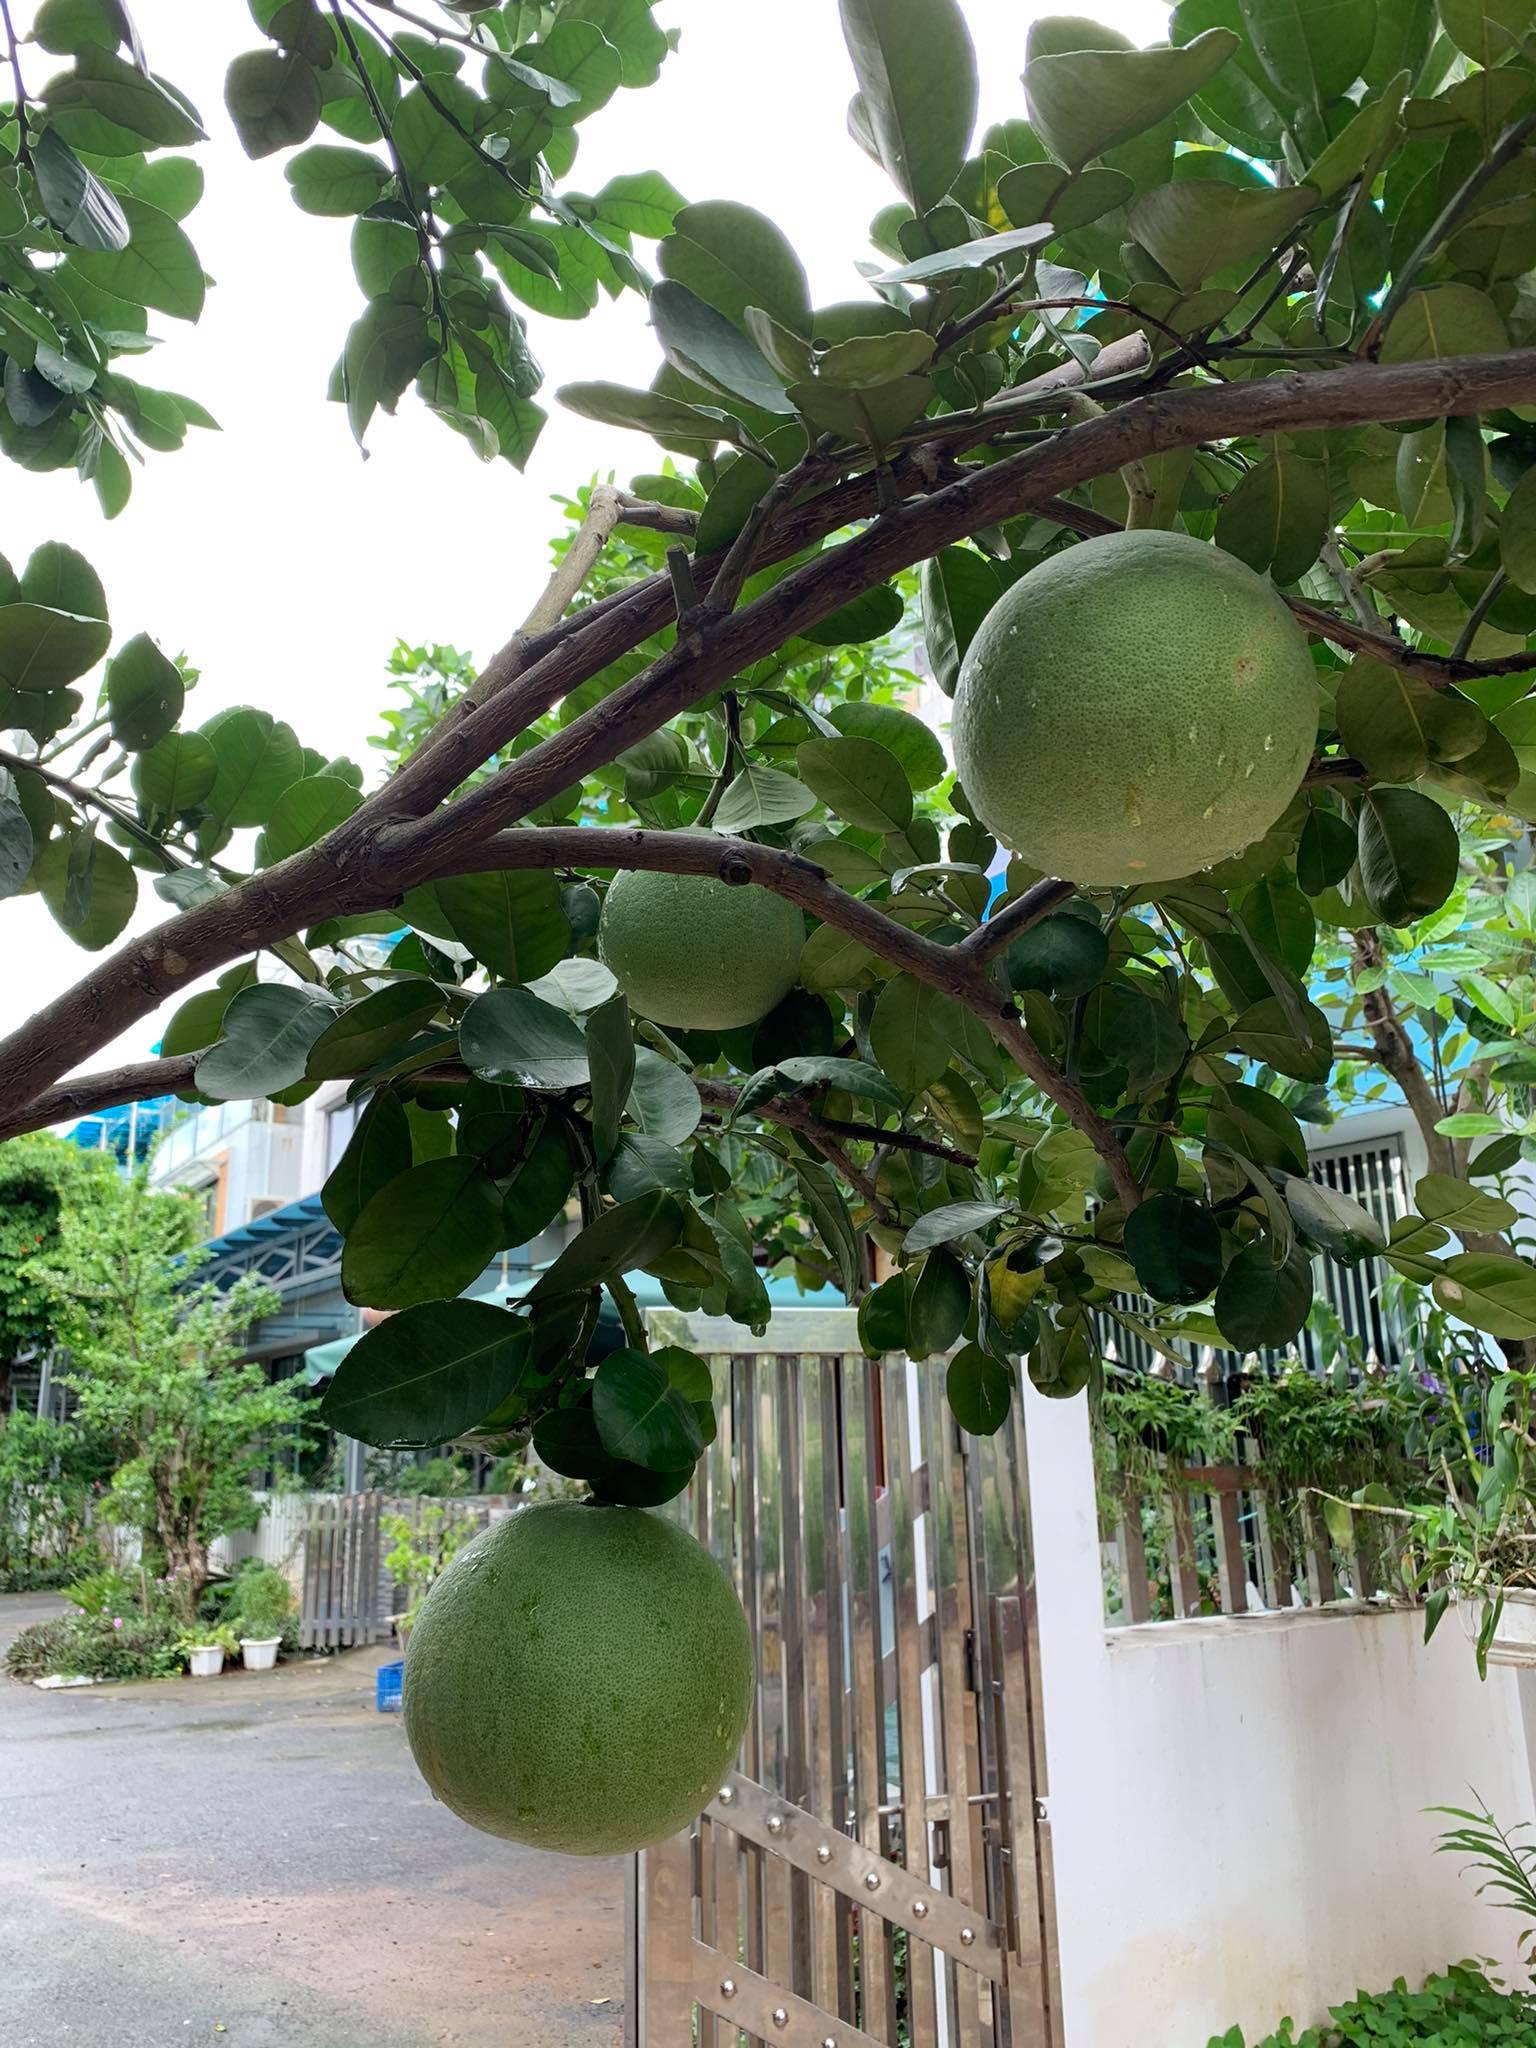 Ngôi nhà quanh năm rực rỡ sắc hương hoa hồng và đủ loại cây ăn quả ở Hà Nội - Ảnh 7.